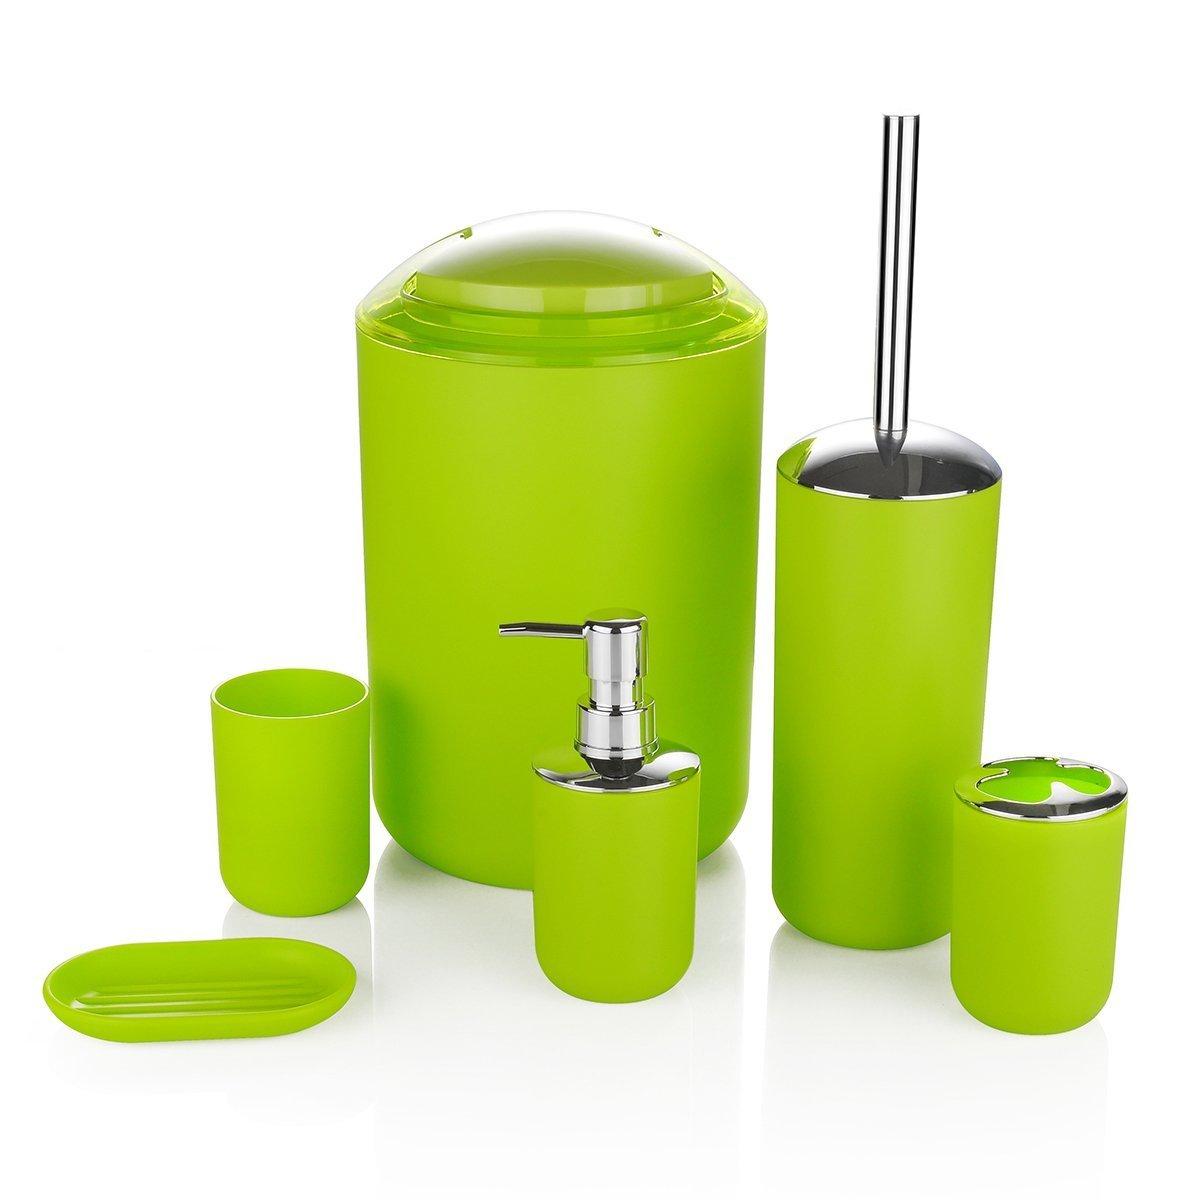 6pezzi Set di accessori da bagno portaspazzolini cestino porta saponetta dispenser bicchiere–verde mela colore Rayan Direct